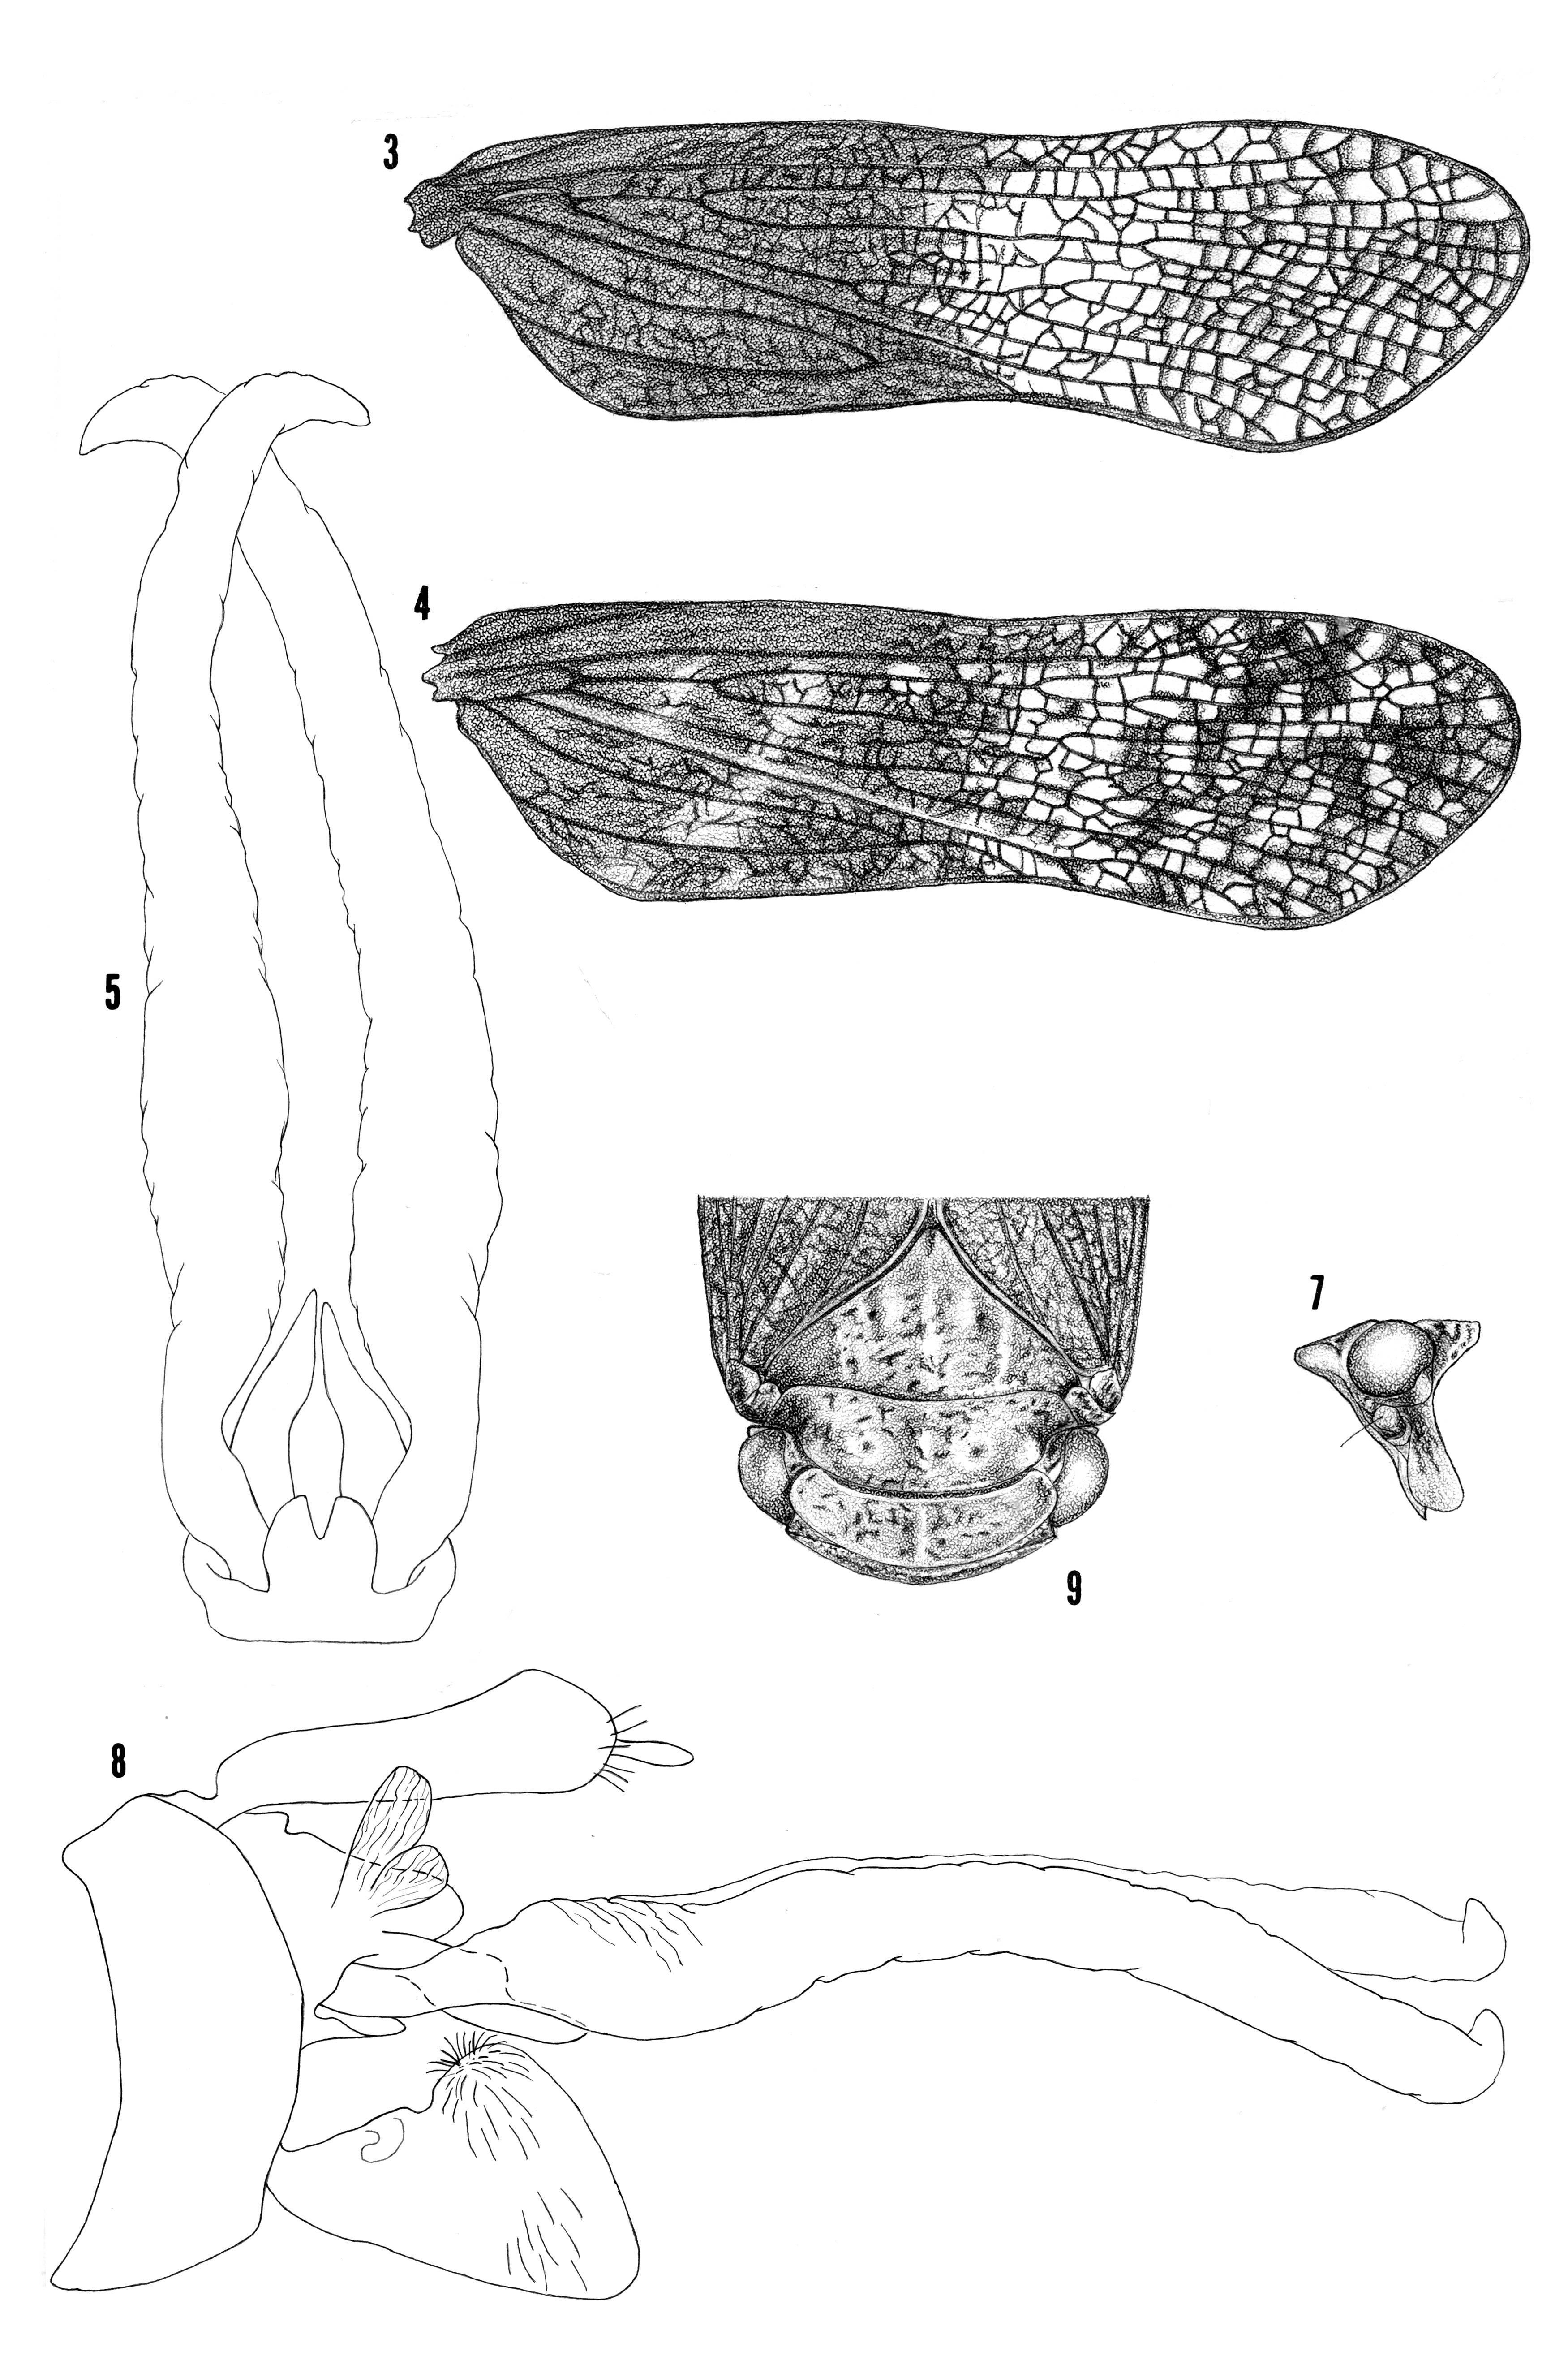 Image of <i>Cyrpoptus obtusus</i> (Valdes Ragues 1910)